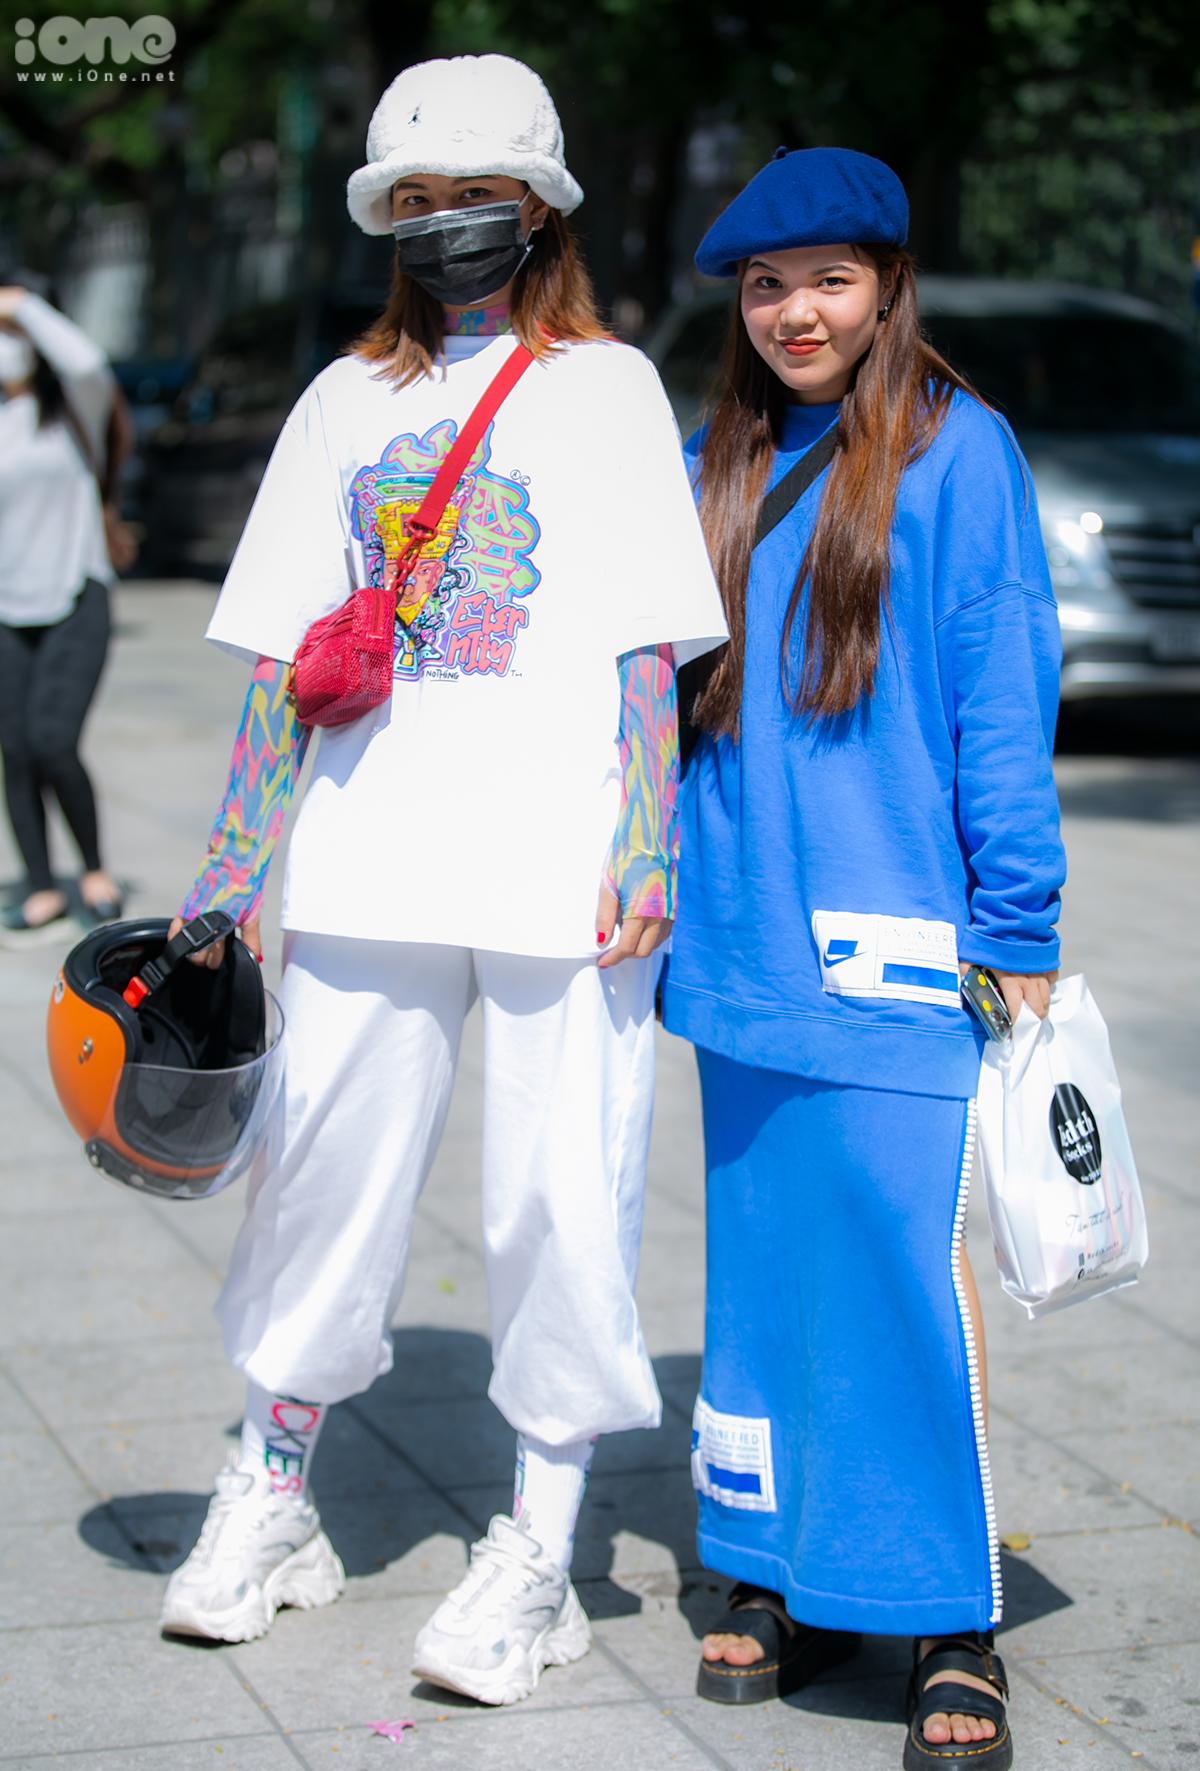 Một đôi bạn rủ nhau lên đồ chất chơi, hình ảnh chẳng khác các tín đồ thời trang ở Seoul Fashion Week là bao.